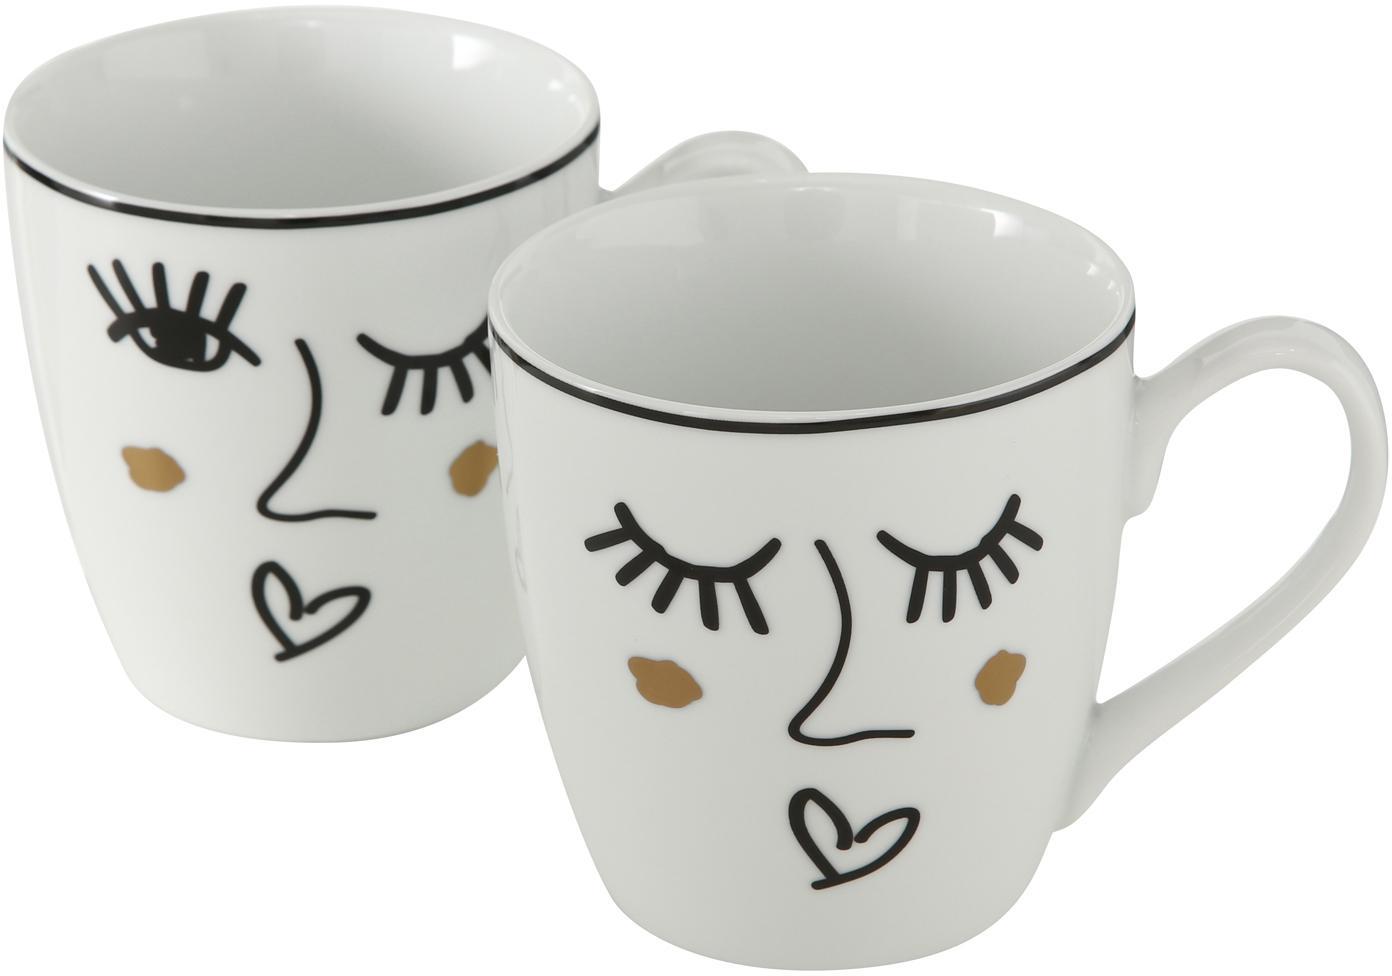 Tassen Glamy mit Motiv, 2er-Set, Porzellan, Weiss, Schwarz, Goldfarben, Ø 10 x H 10 cm